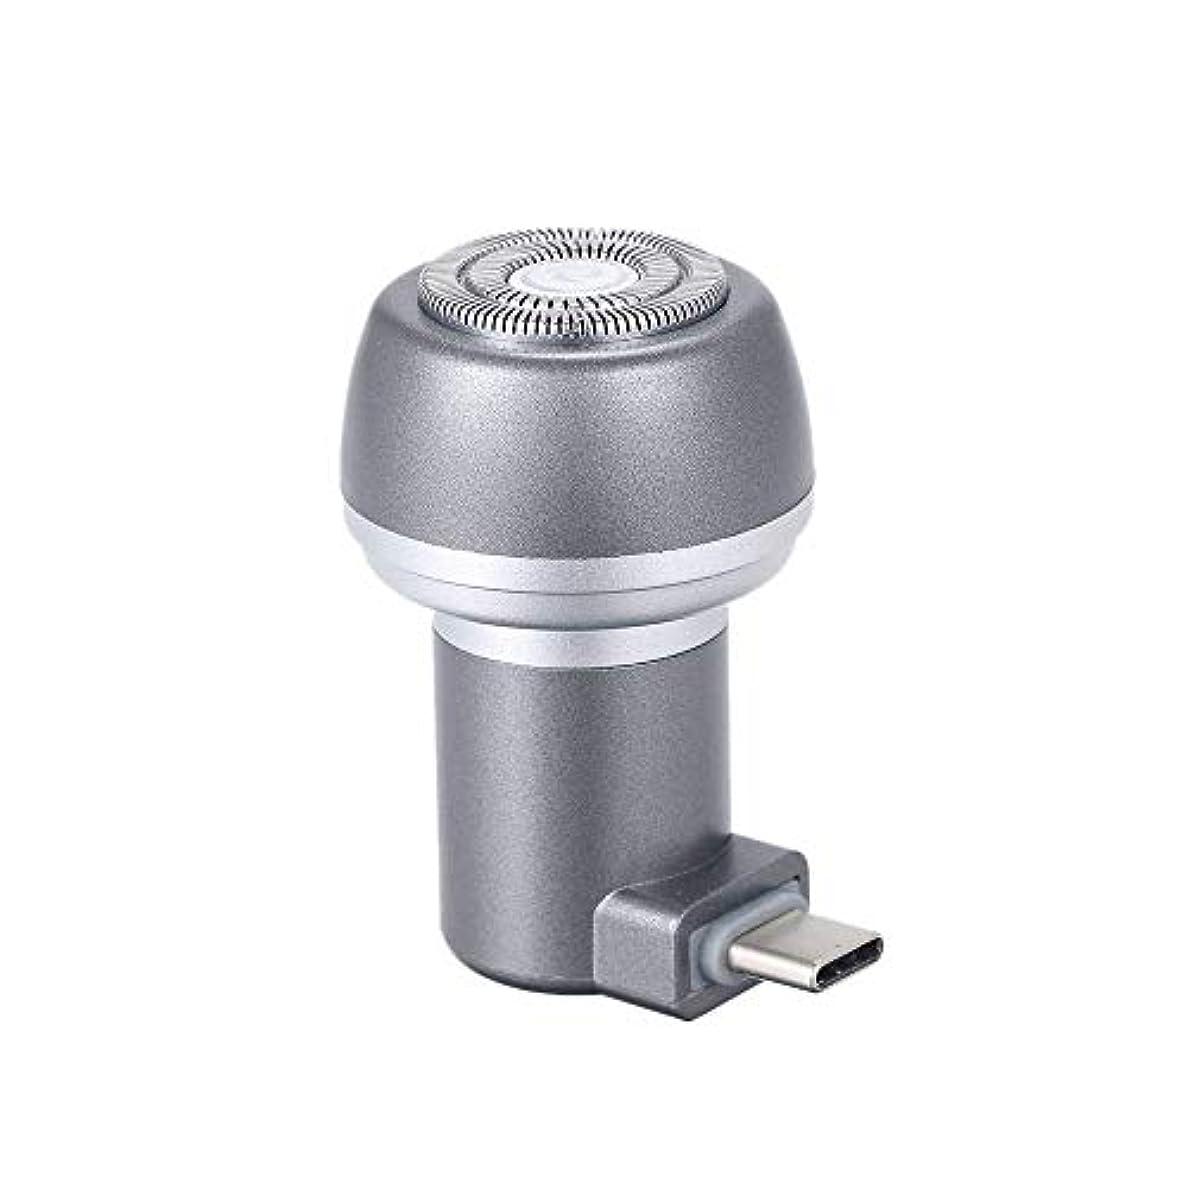 嘆くボトル東XiAnShiYu家庭用 電気 シェーバー 男性用 防水 ウェットドライシェービング USB充電式 グレー タイプC